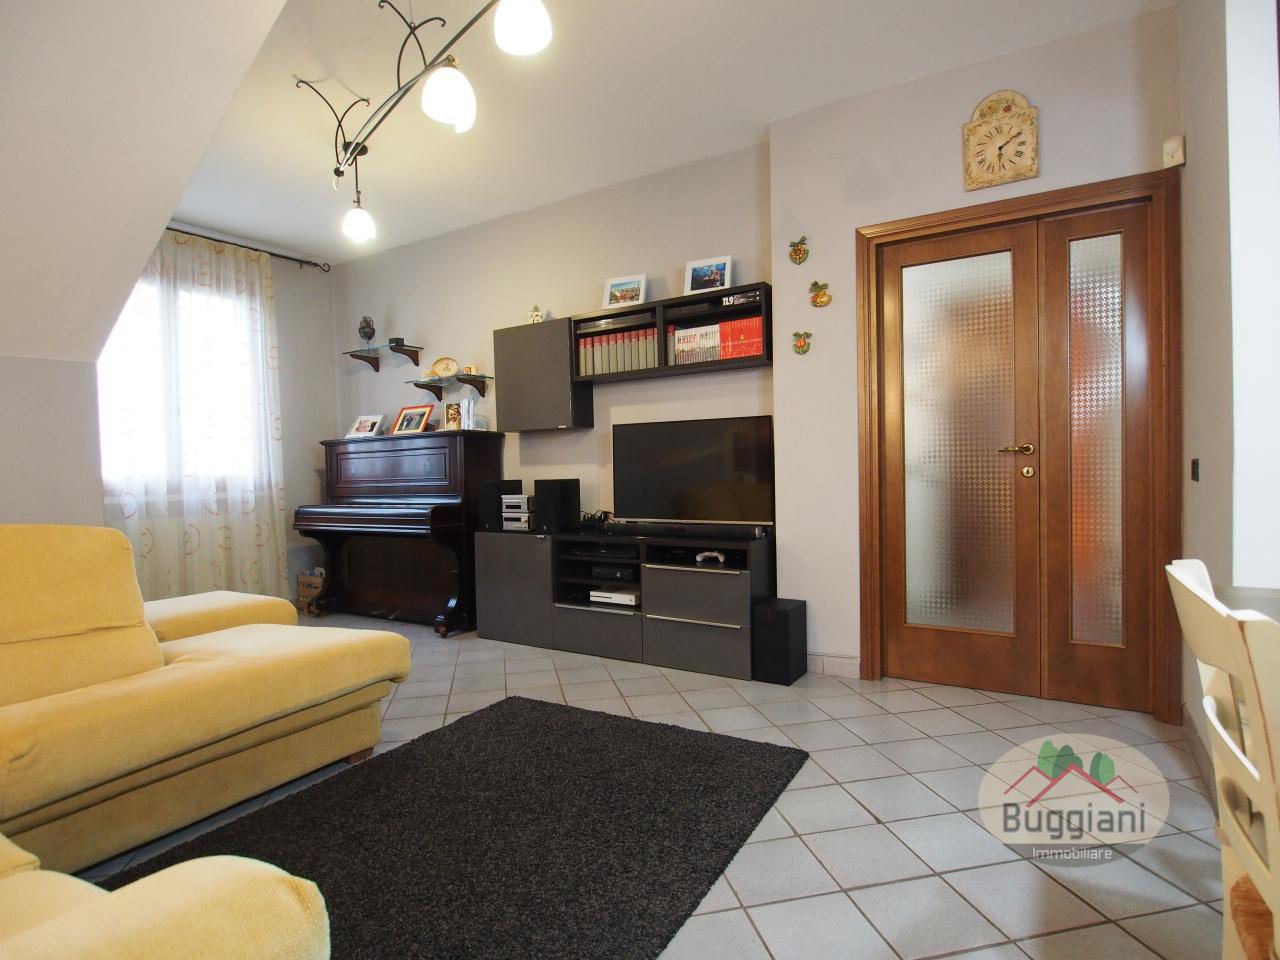 Appartamento in vendita RIF. 1825, San Miniato (PI)